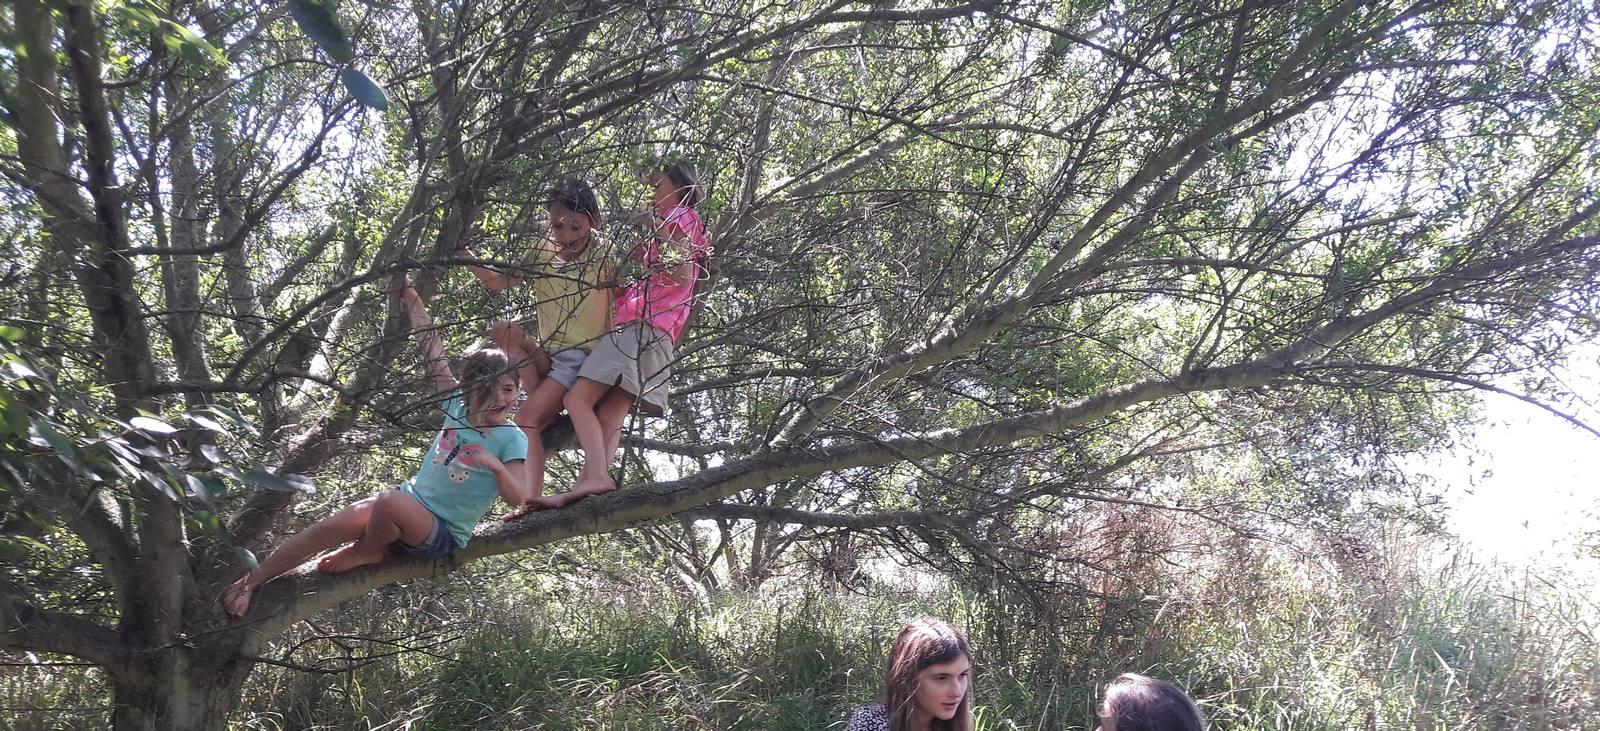 kahikatea-farm-food-forest-kids-in-tagasaste